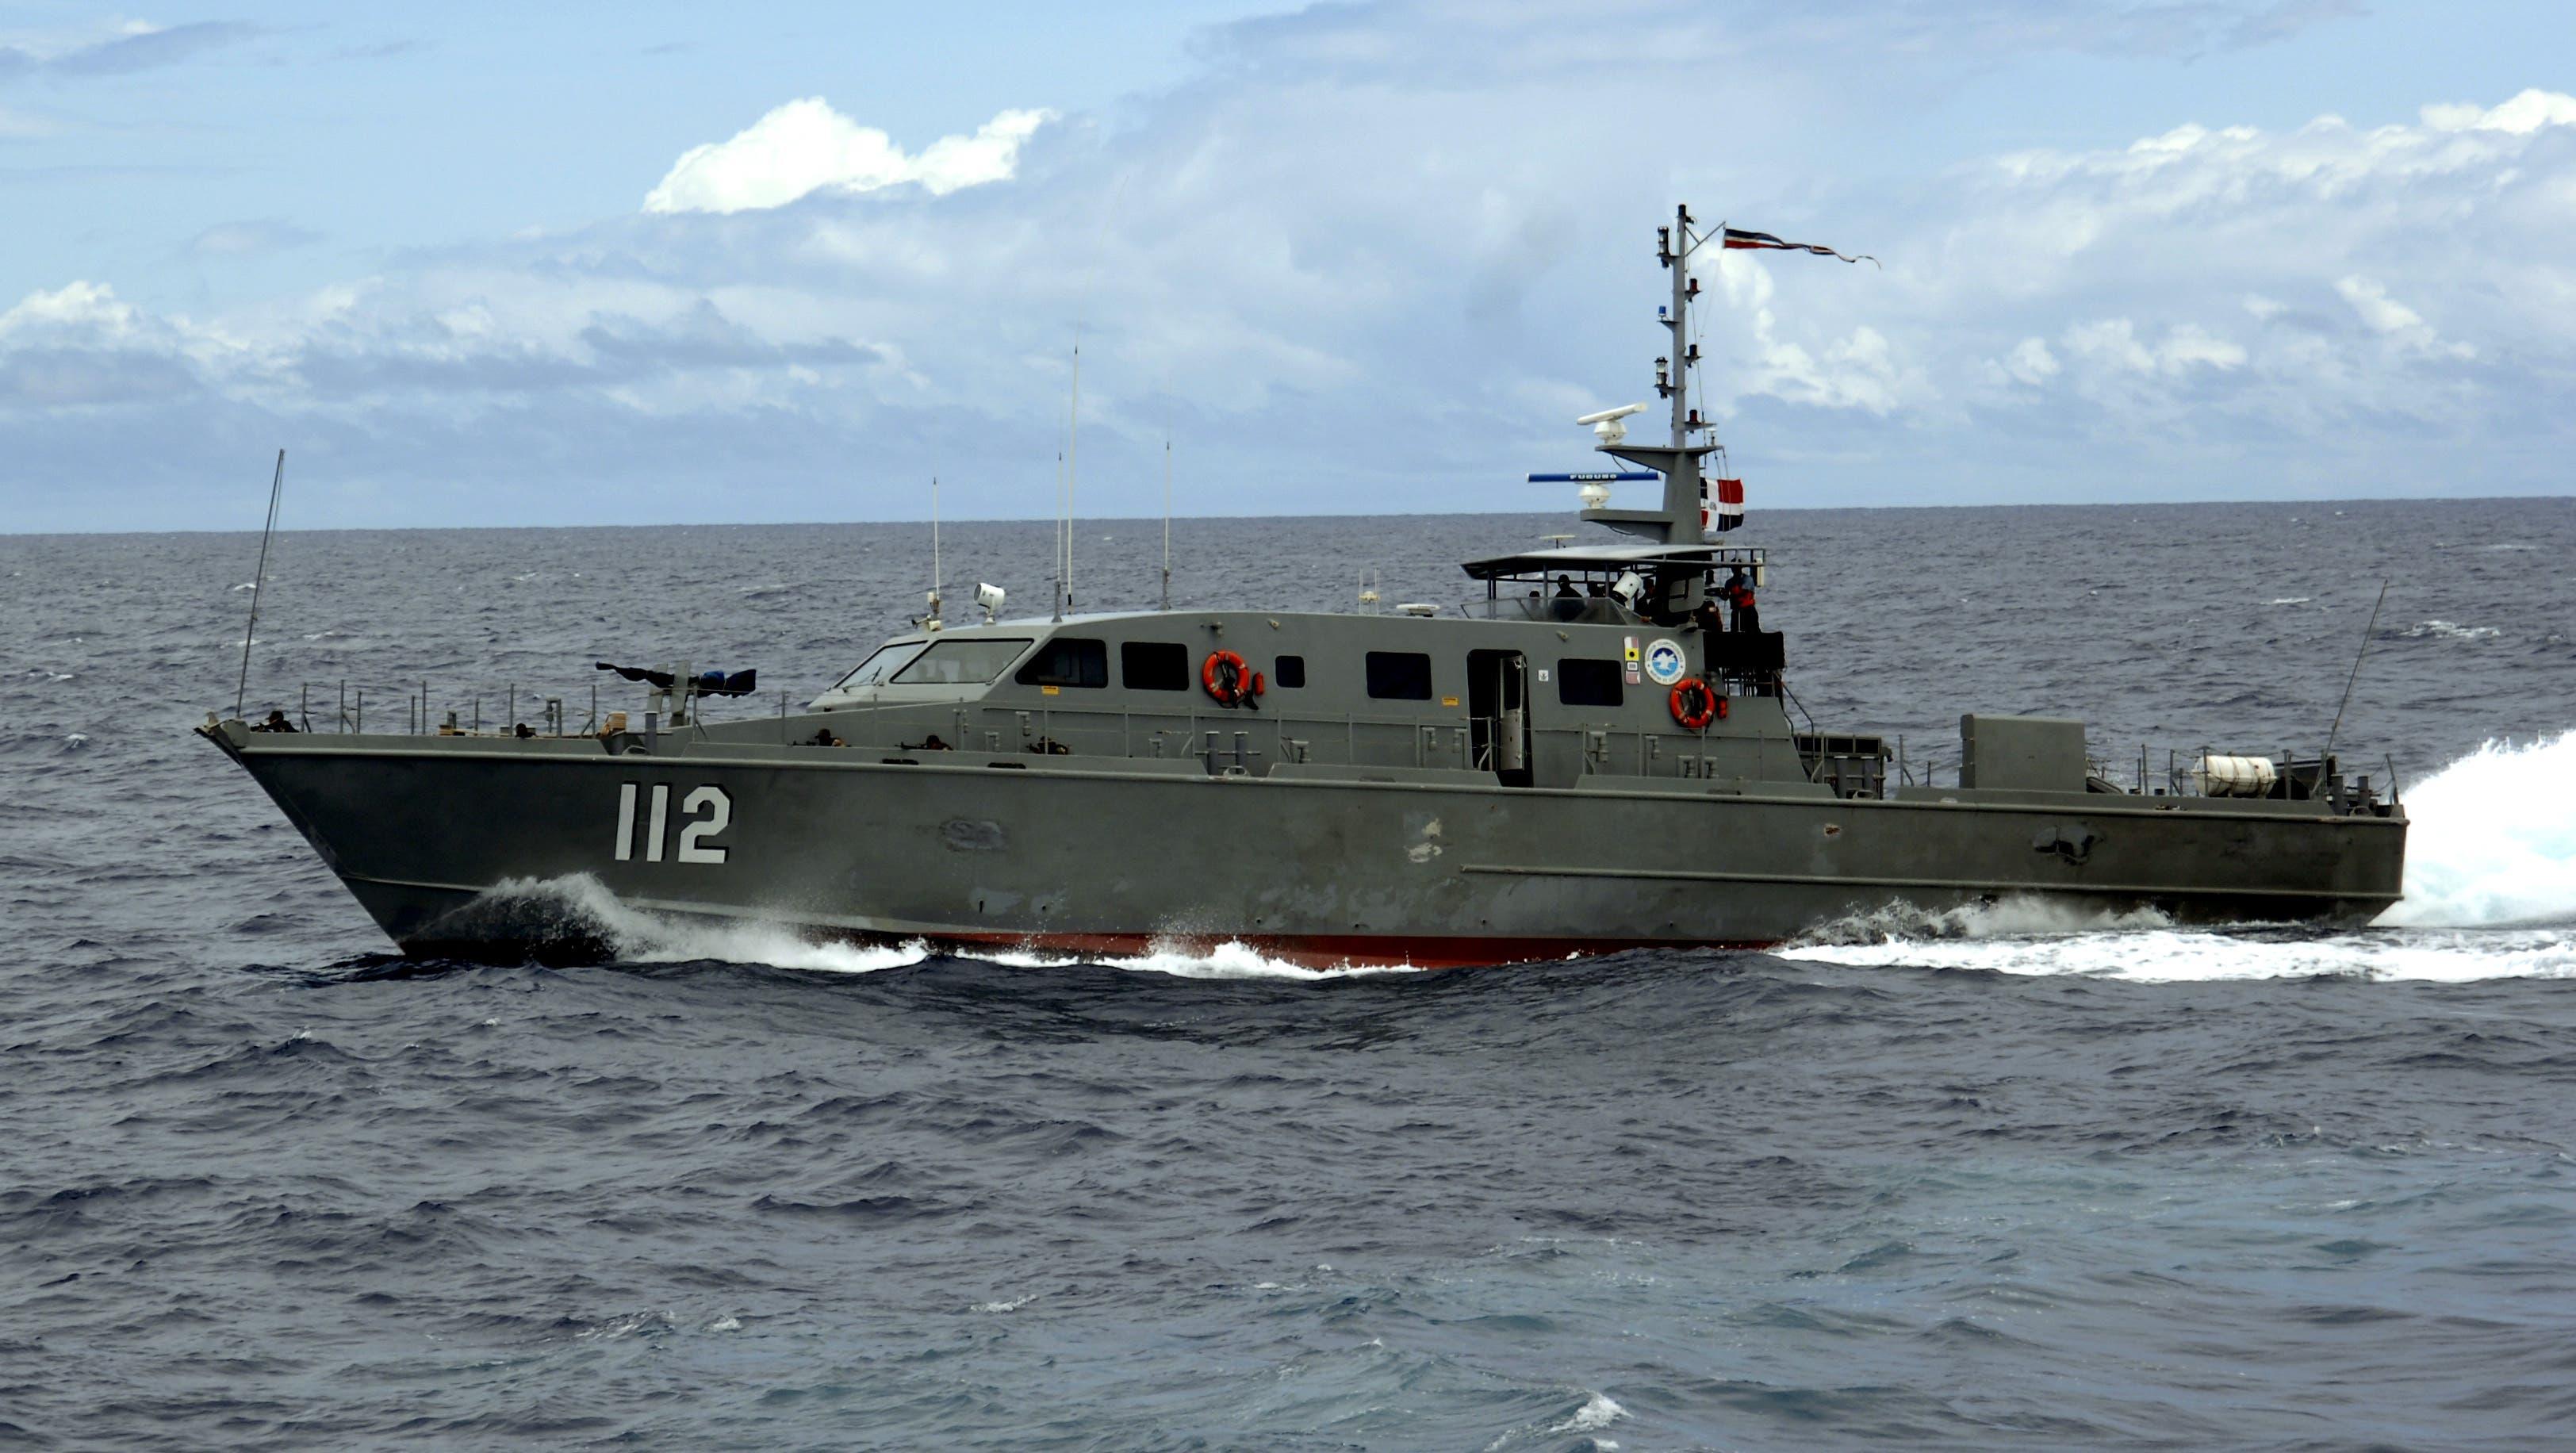 """Guardacosta """"Altair"""" GC-112 de la Armada Dominicana. (Foto de archivo)."""